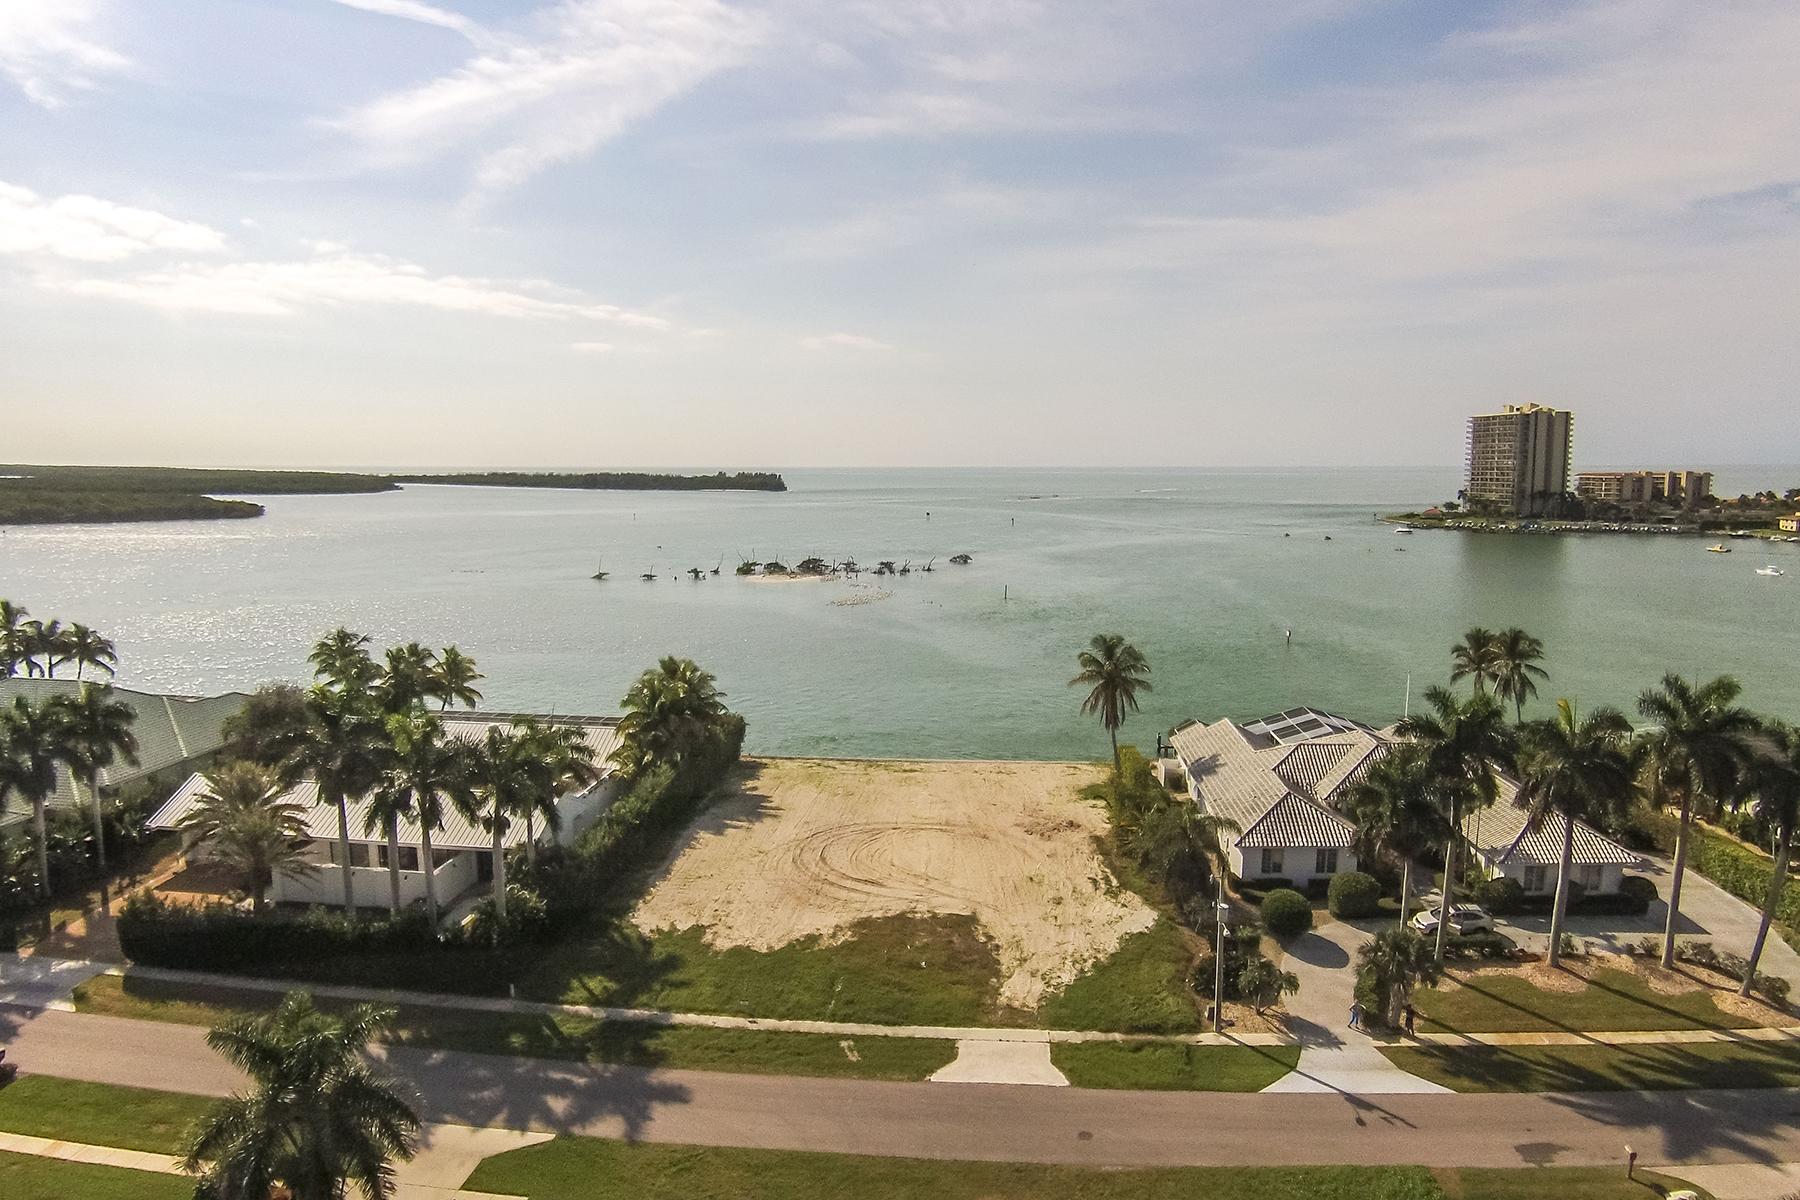 Земля для того Продажа на MARCO ISLAND 1381 Caxambas Ct Marco Island, Флорида, 34145 Соединенные Штаты